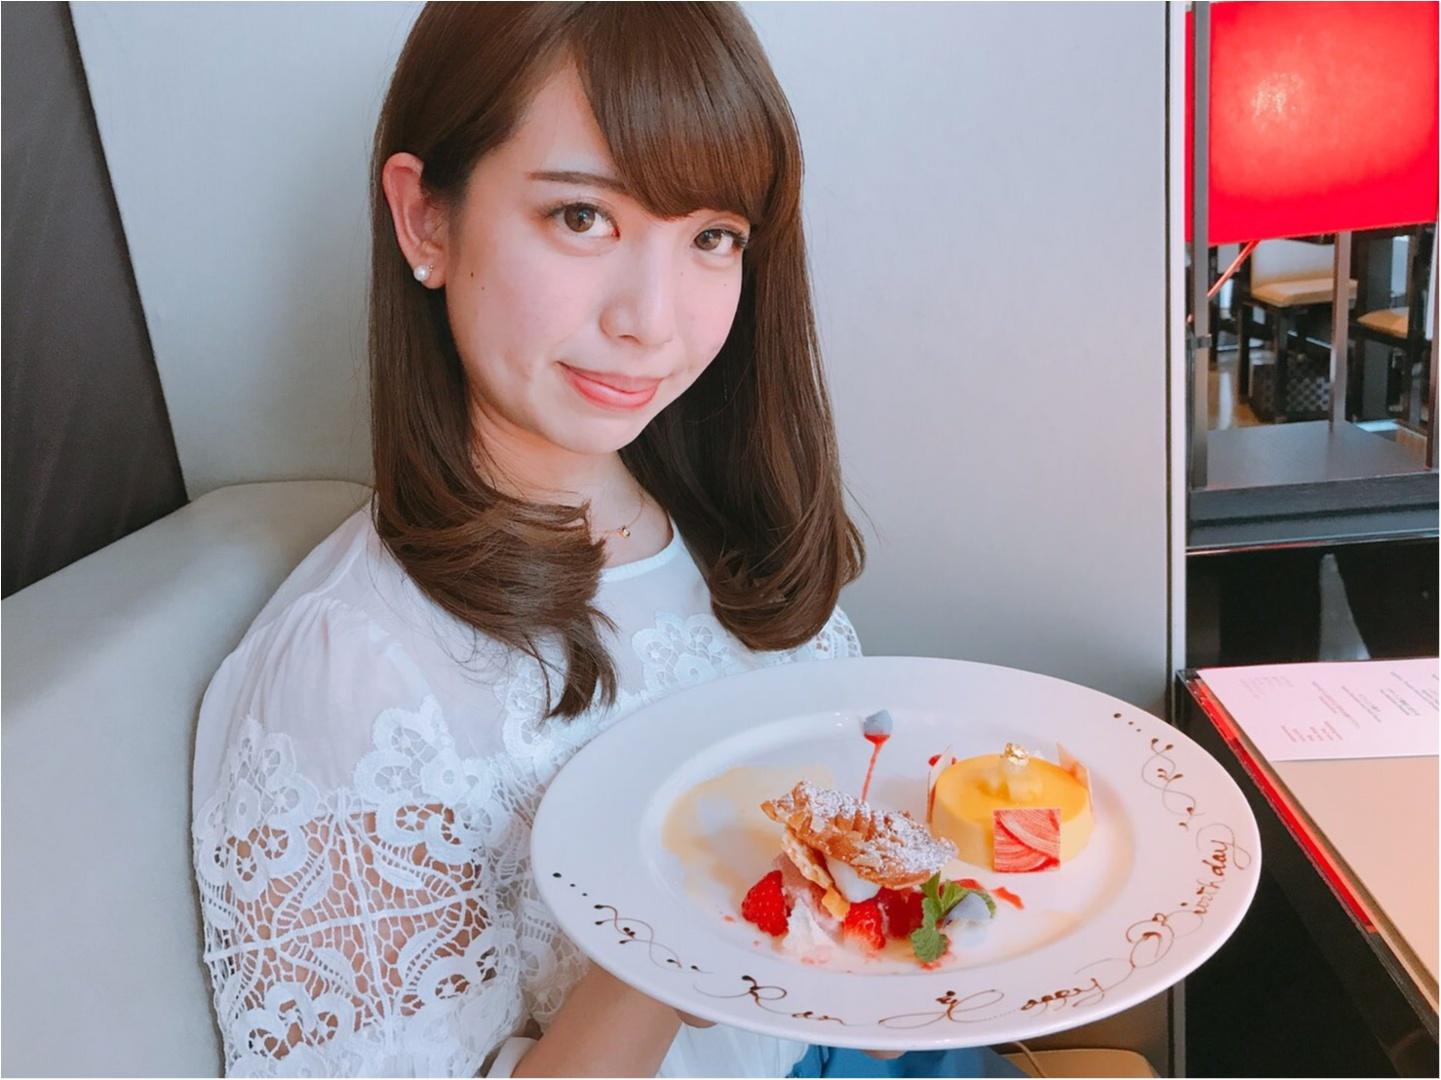 ブランド力!!オシャレな【ARMANI CAFFE】でお誕生日会☆_6